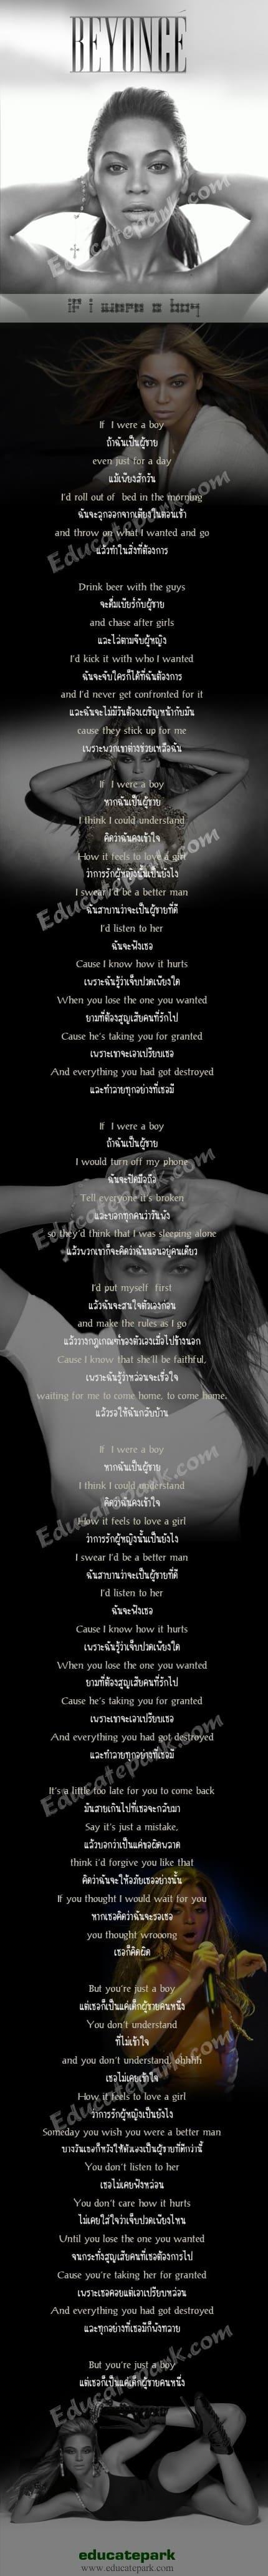 แปลเพลง If I Were A Boy - Beyoncé